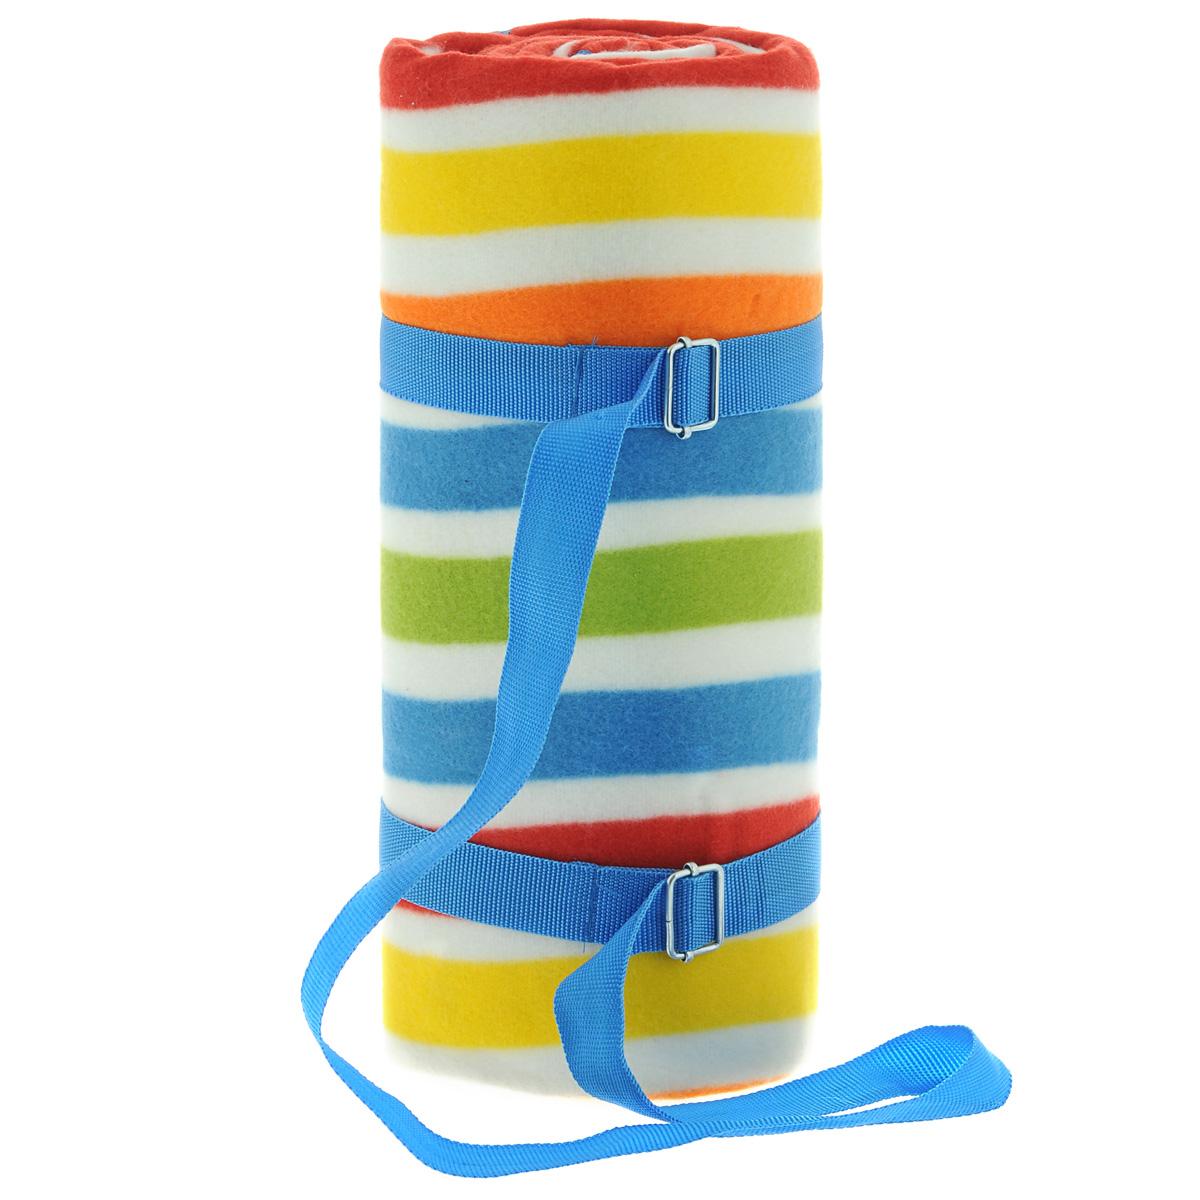 Плед для пикника Schaefer, на ремешке, цвет: синий, красный, белый, 130 х 150 см07390-455Плед для пикника Schaefer идеален для создания уюта на пикнике или в машине. Верх пледа - 100% полиэстер, низ пледа - алюминиевая непромокаемая подкладка. Плед оформлен принтом в полоску и оснащен удобным ремешком для переноски.